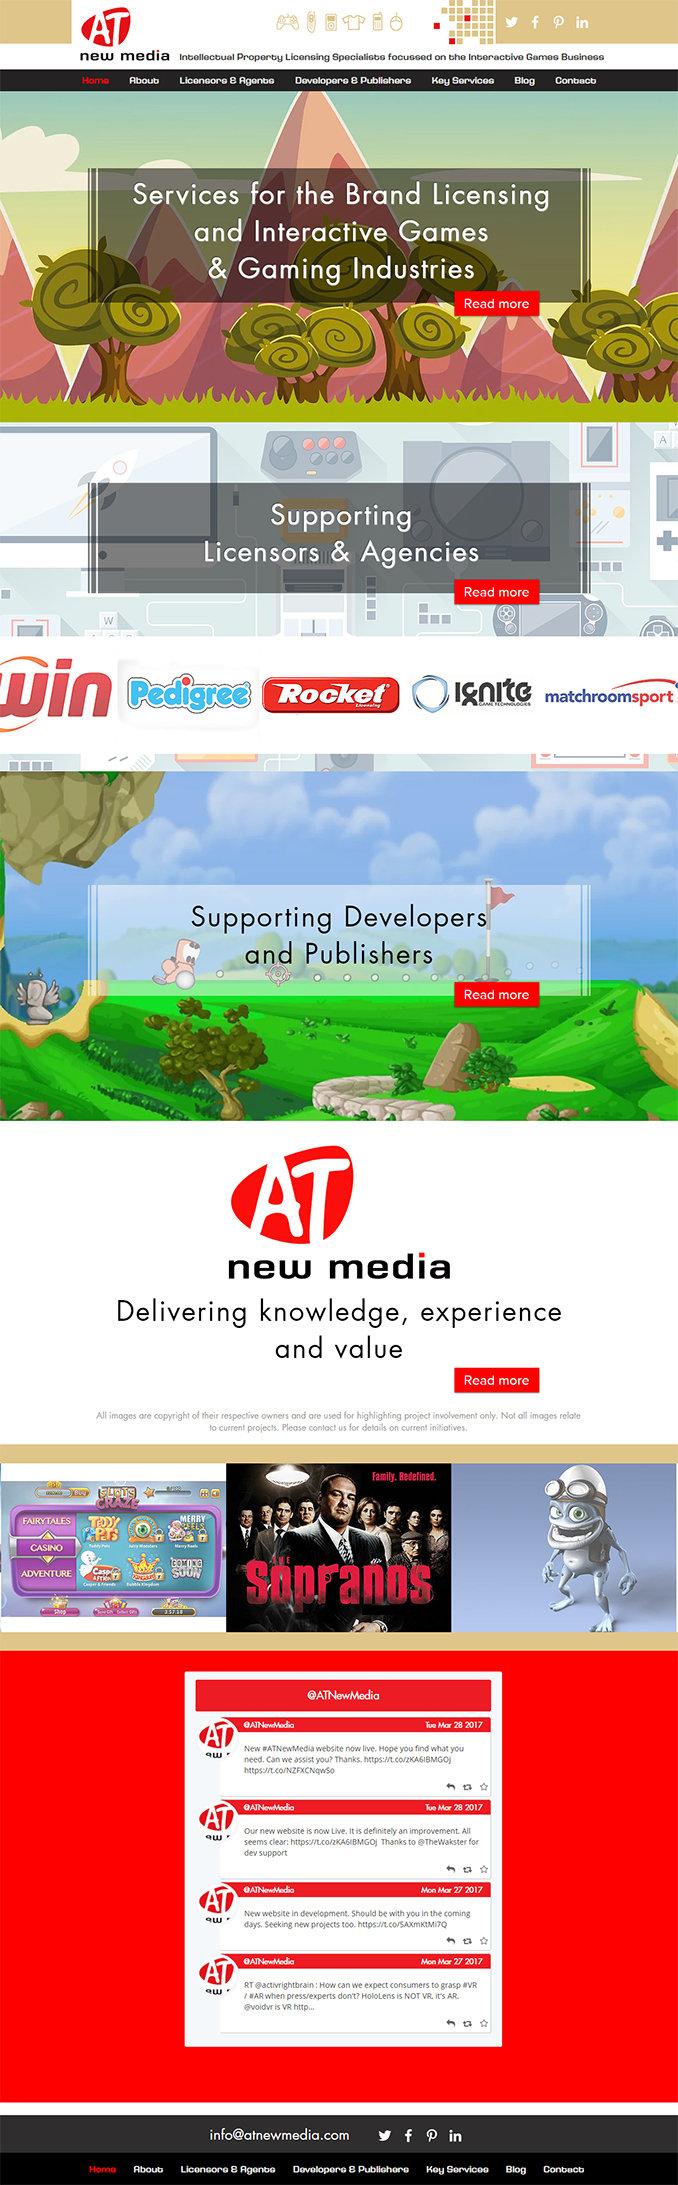 AT-New_Media-Website.jpg